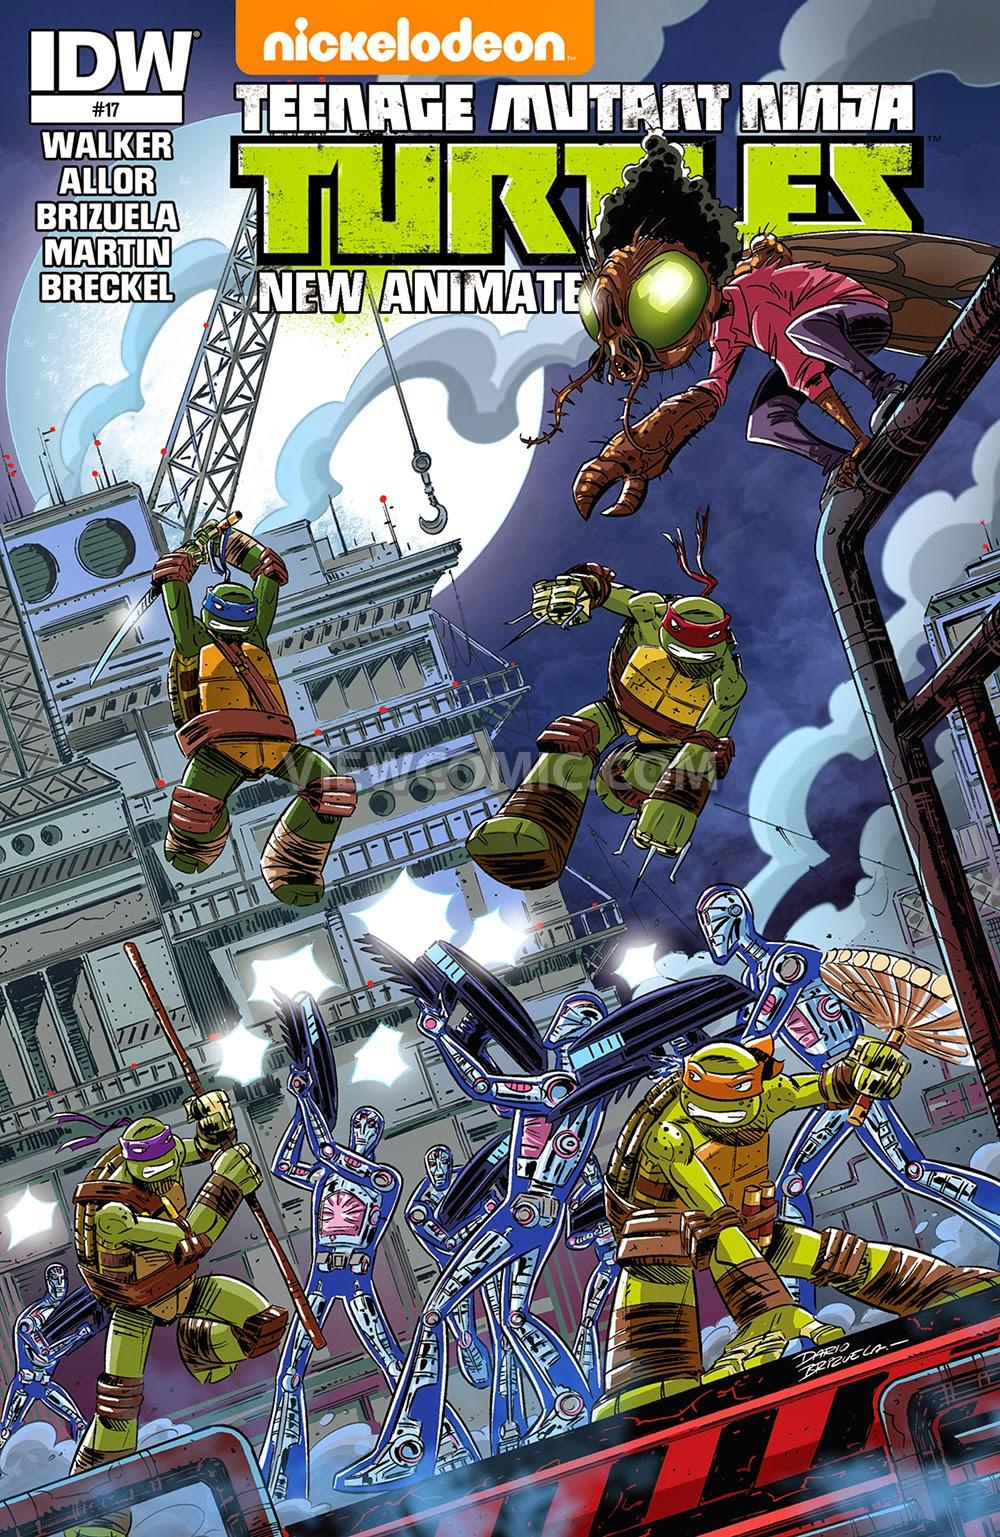 teenage mutant ninja turtles u2013 new animated adventures viewcomic